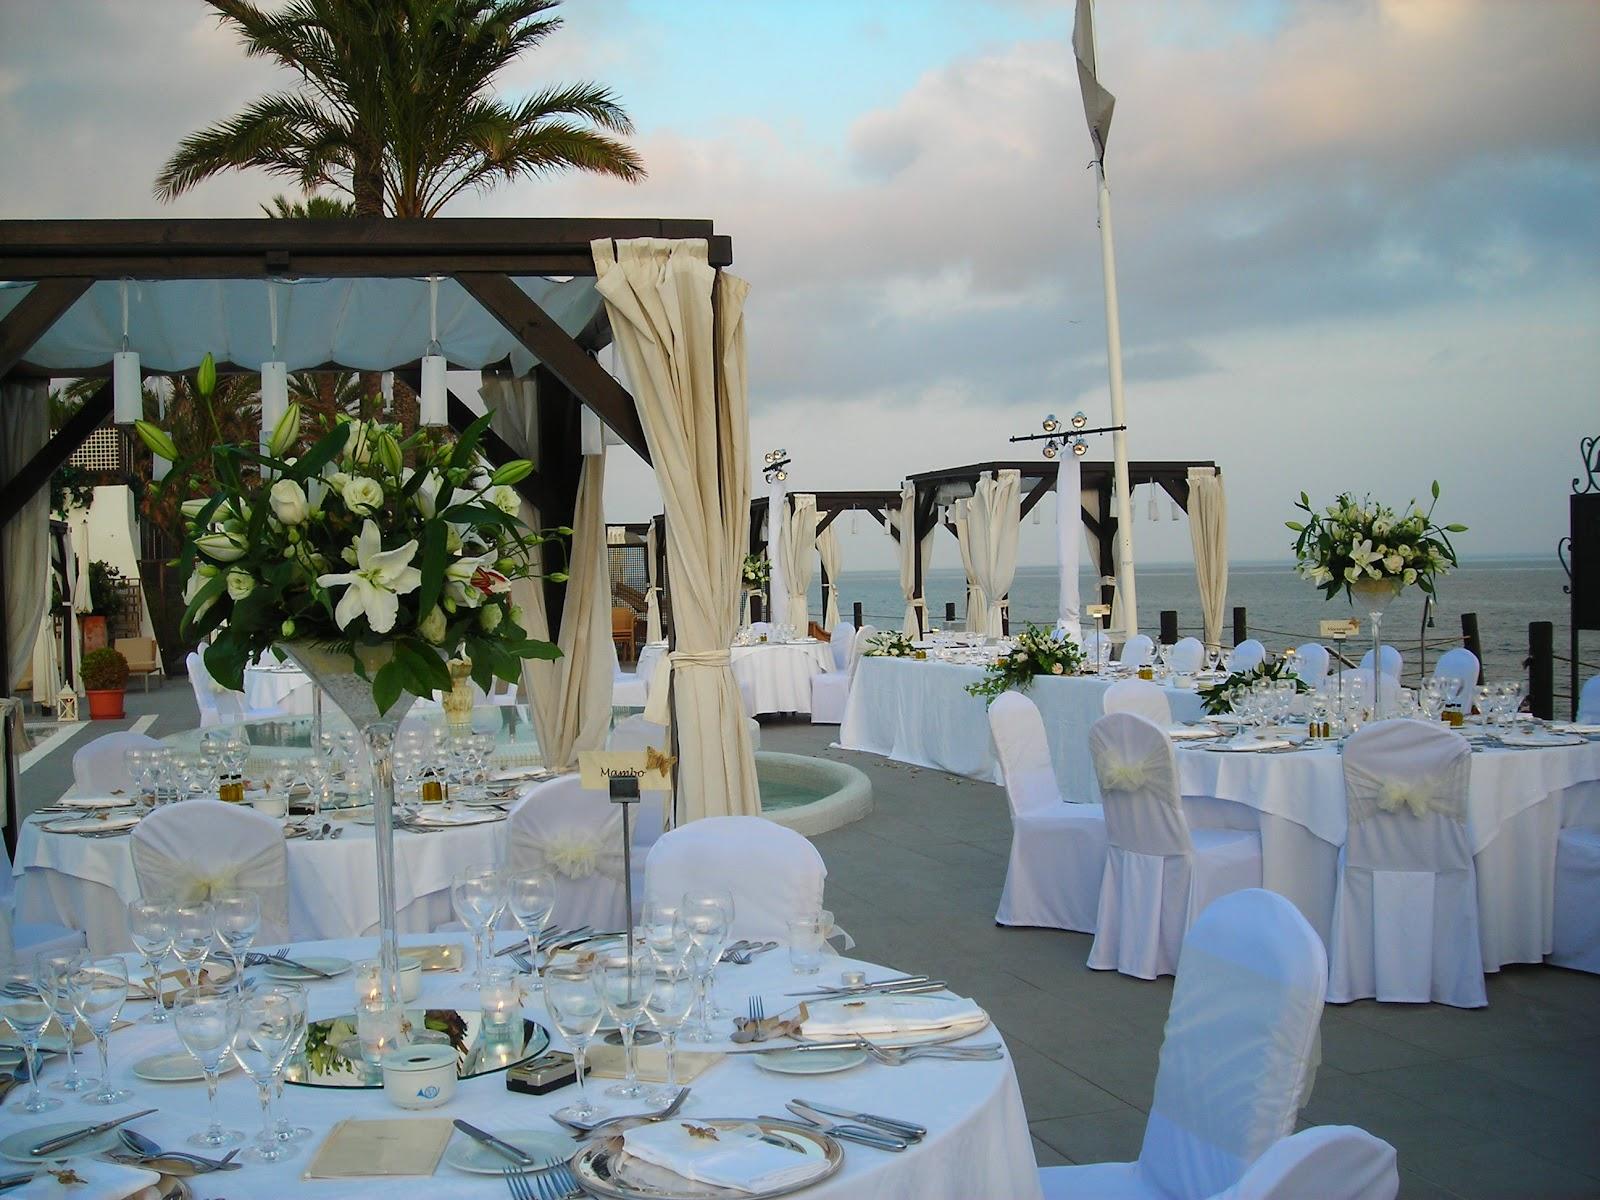 Tableau Matrimonio Spiaggia : Consigli sul matrimonio in spiaggia